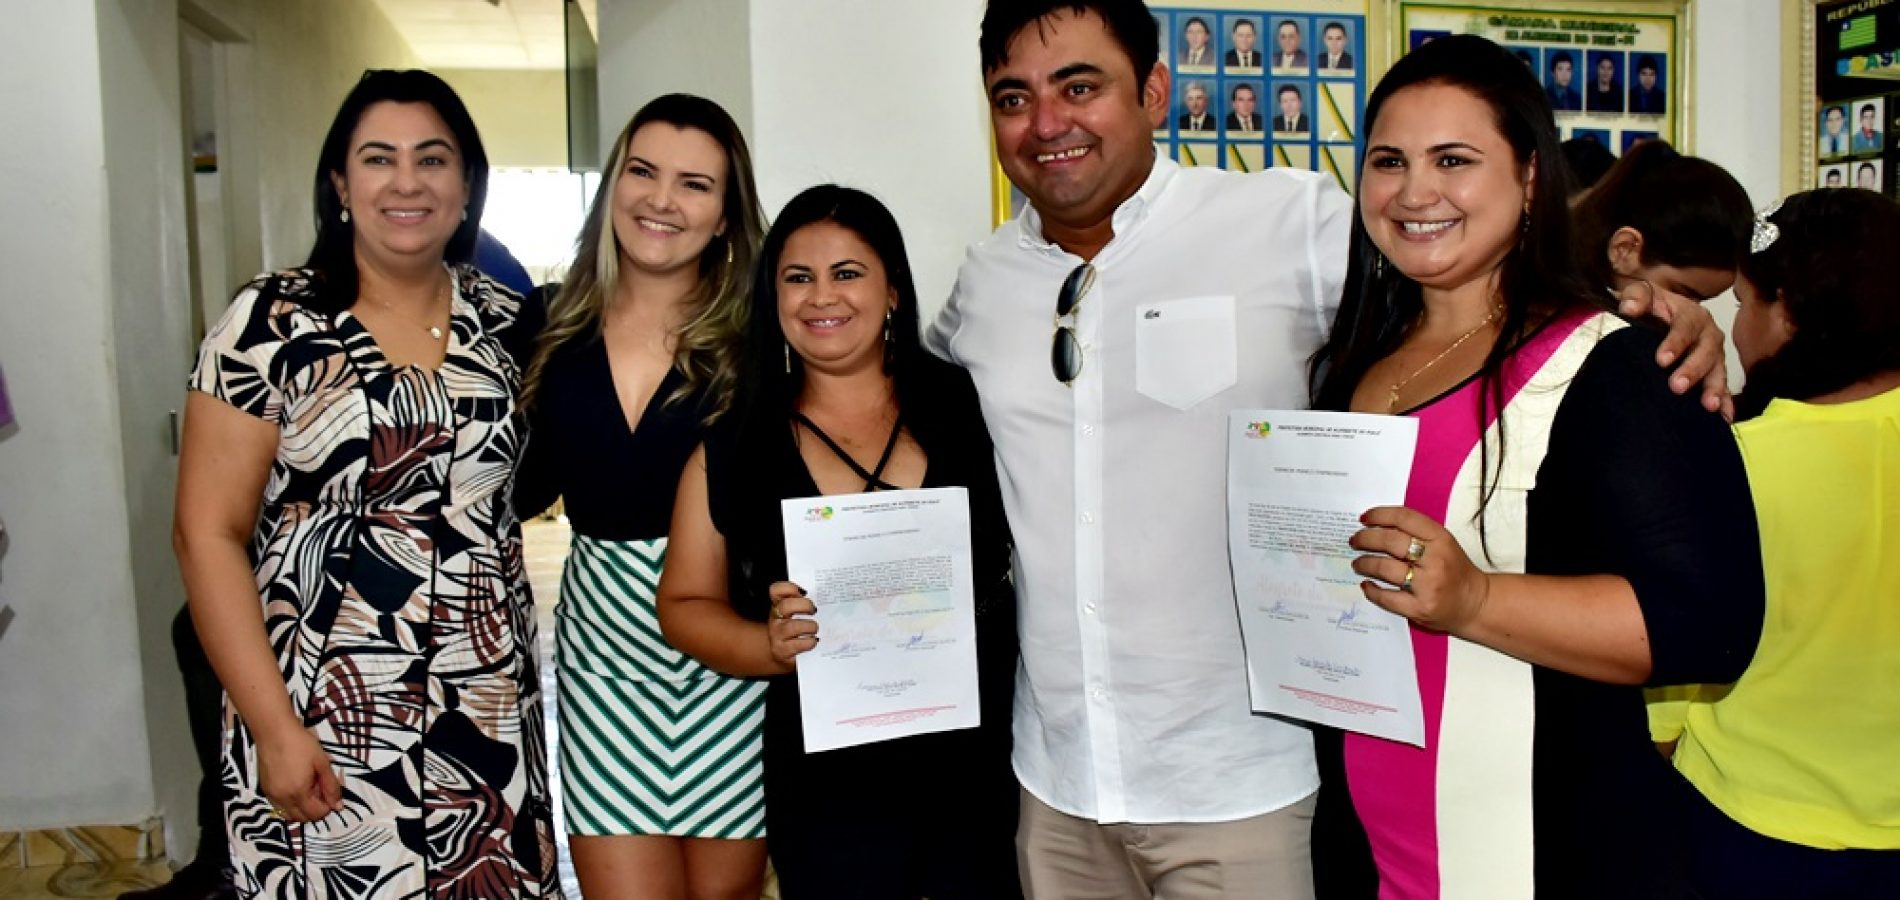 Prefeitura de Alegrete empossa 91 aprovados no concurso público; veja fotos